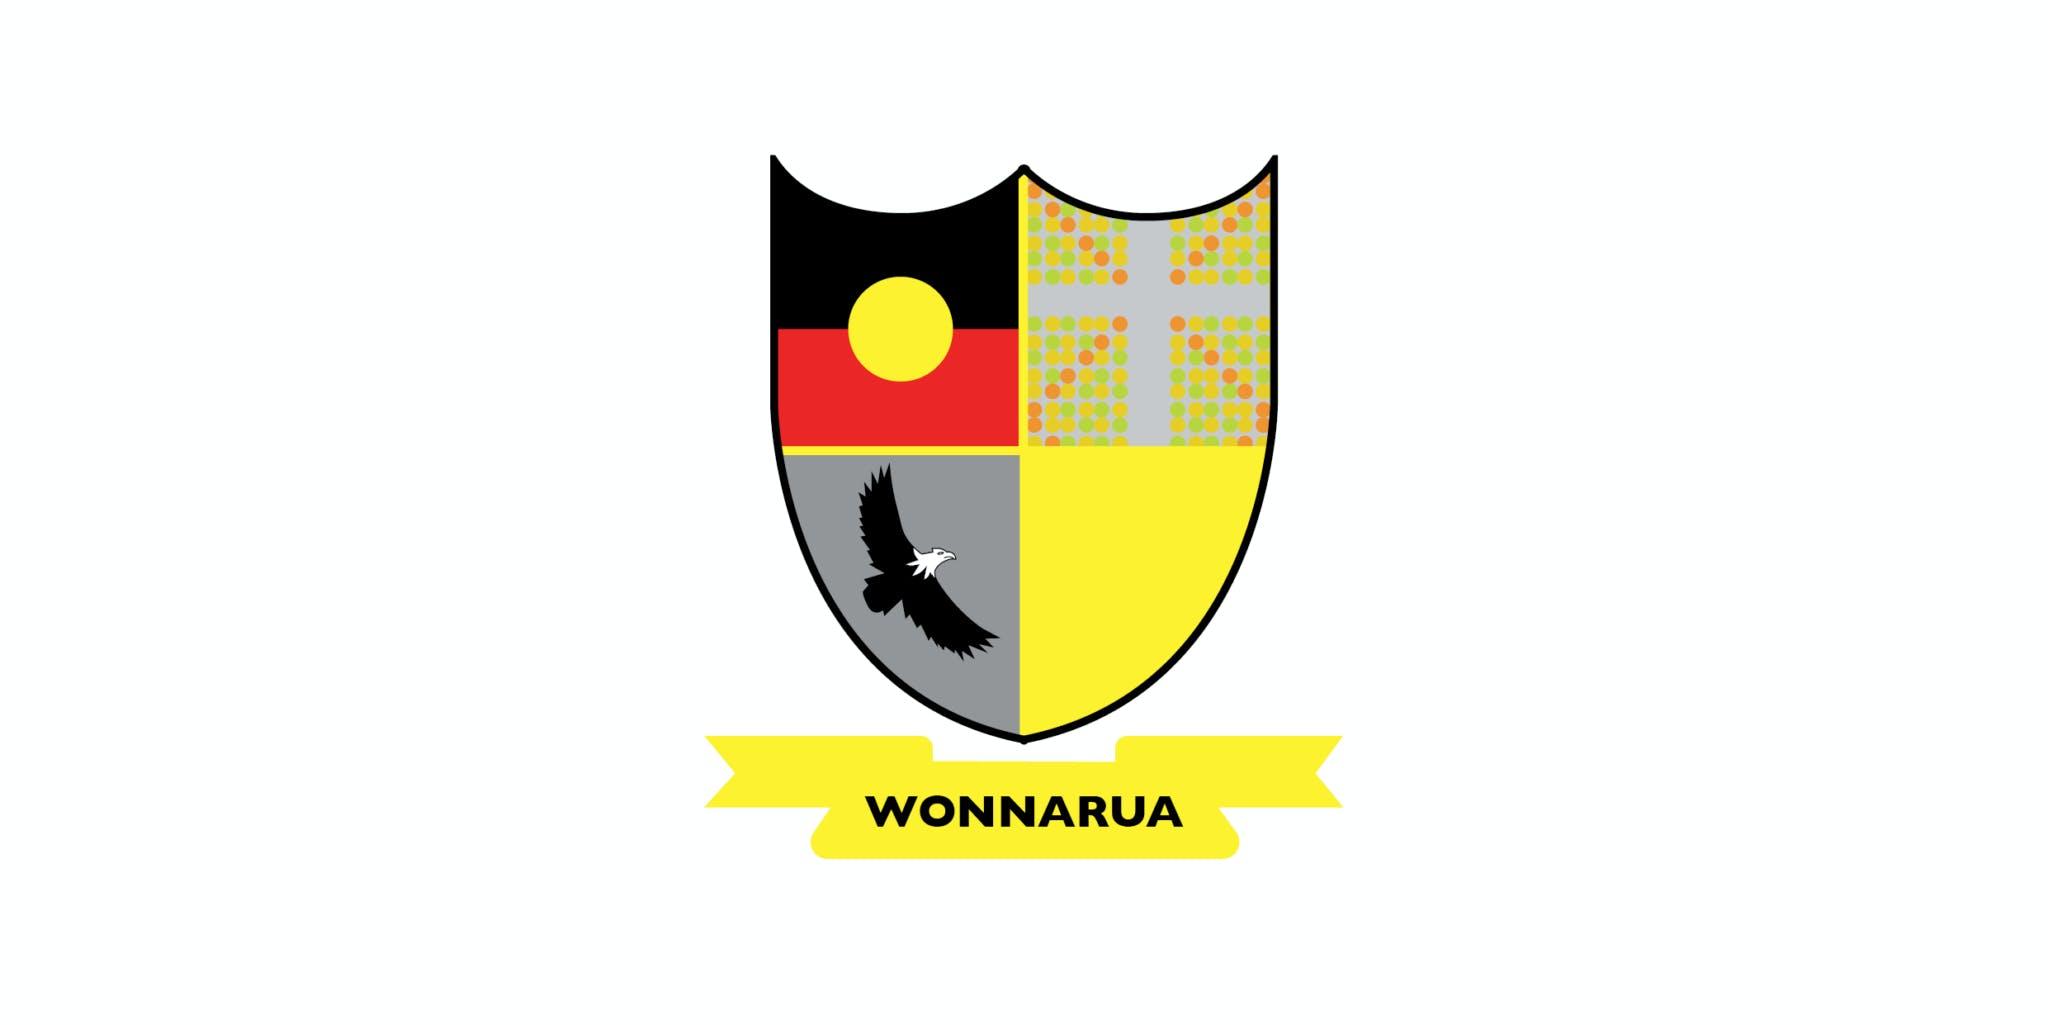 Wonnarua Web